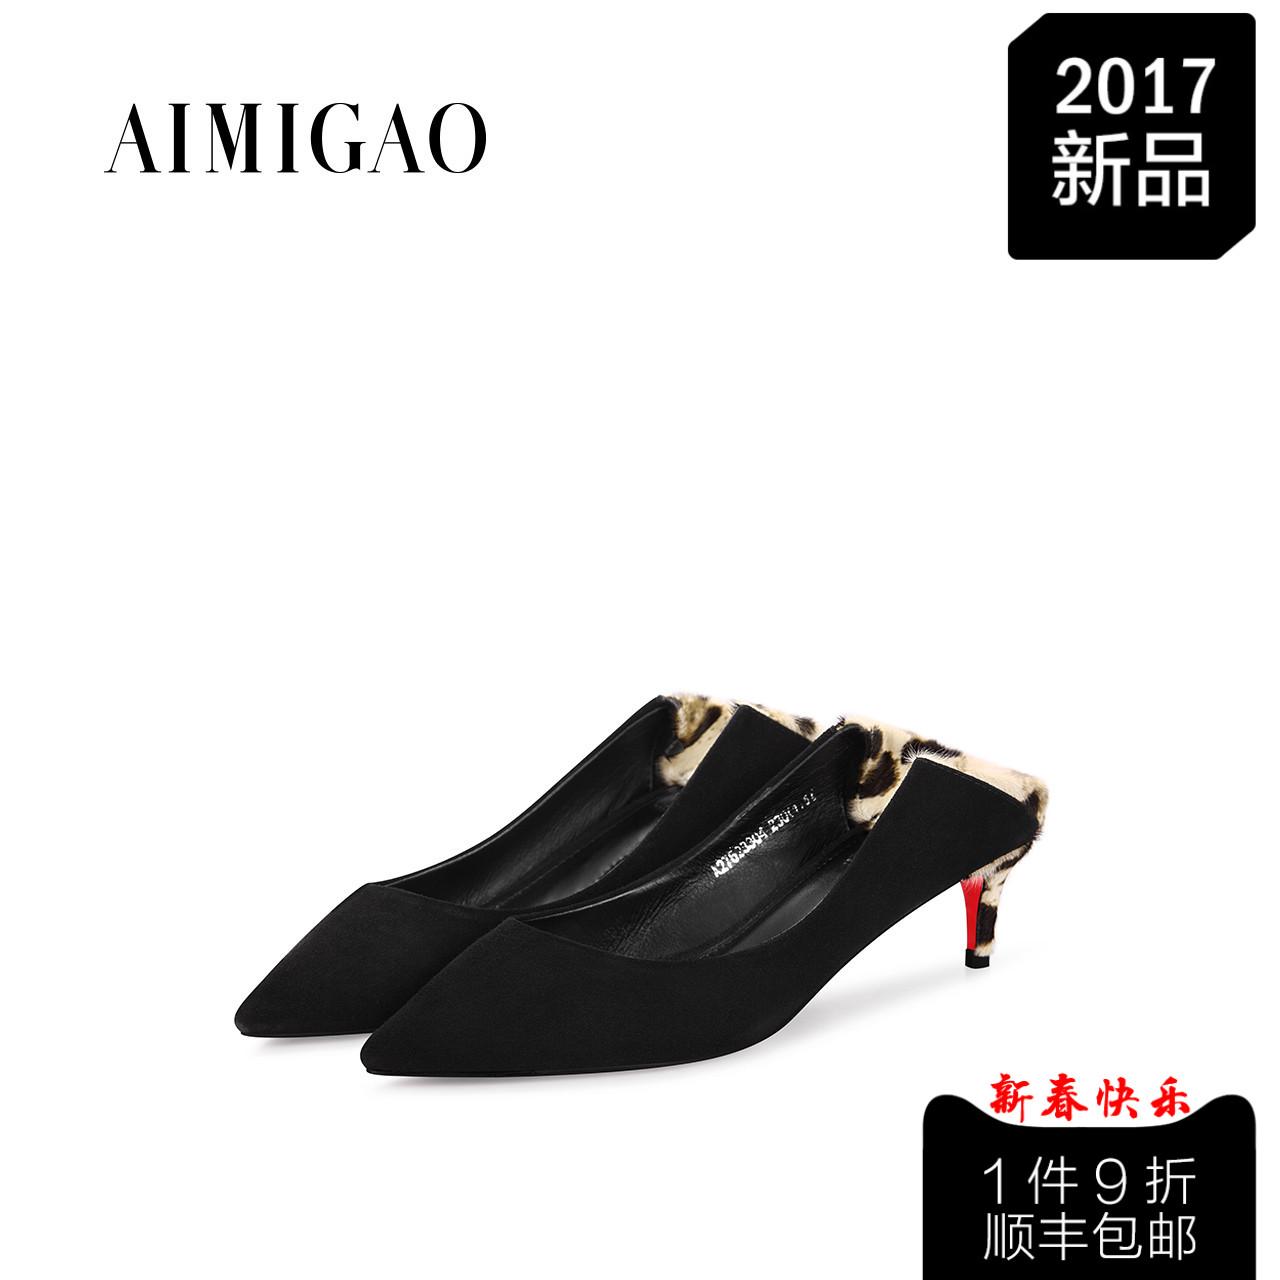 豹纹单鞋 AIMIGAO爱米高2017春季新款 尖头浅口单鞋女豹纹反绒中跟细跟鞋子_推荐淘宝好看的豹纹单鞋